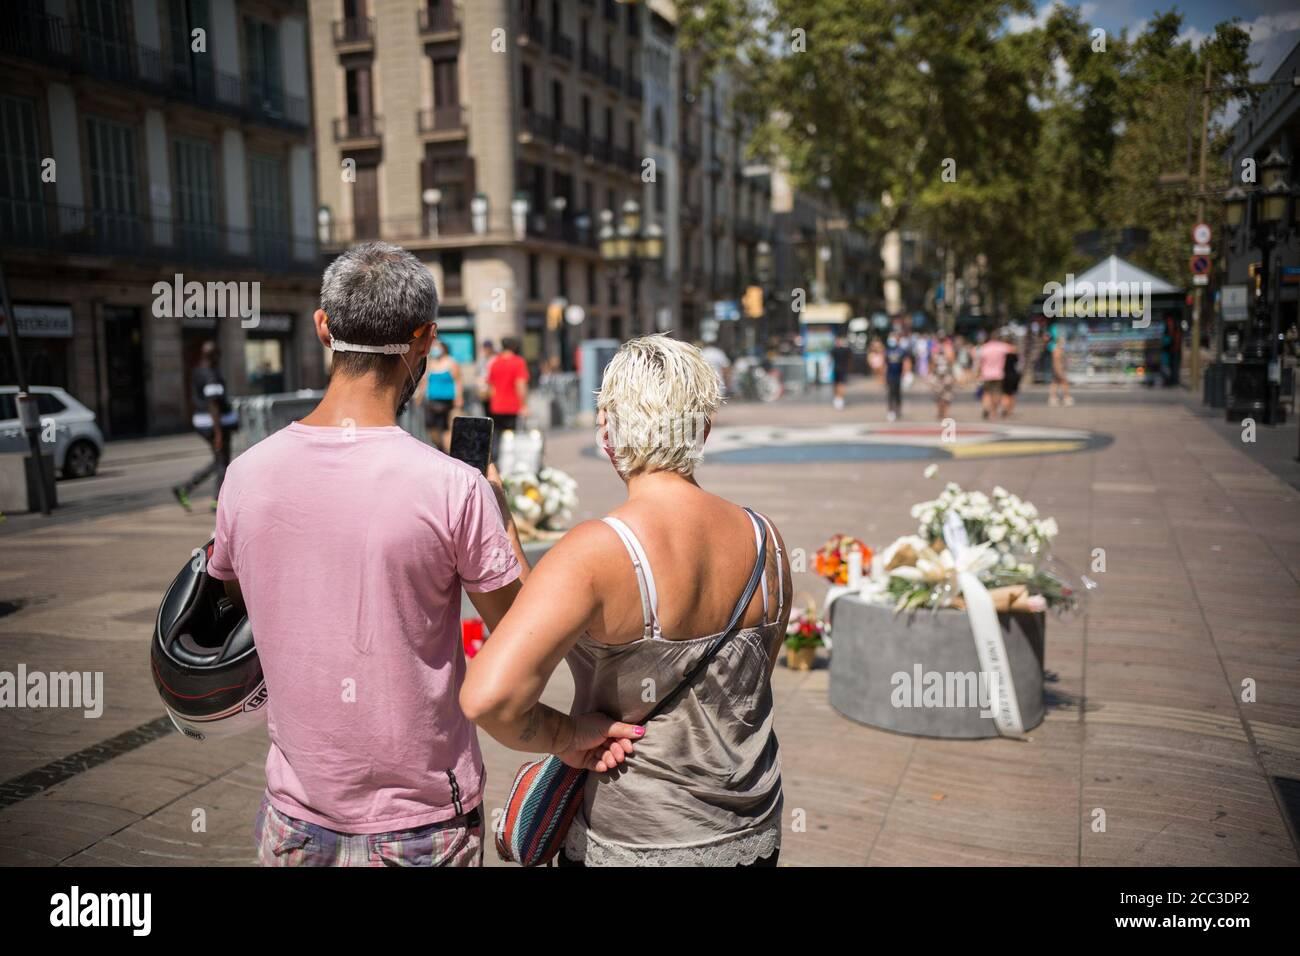 Un couple prend des photos des hommages rendus aux victimes de l'attaque de Barcelone.trois ans après l'attaque de Barcelone, un hommage aux victimes est rendu à Las Ramblas. Banque D'Images